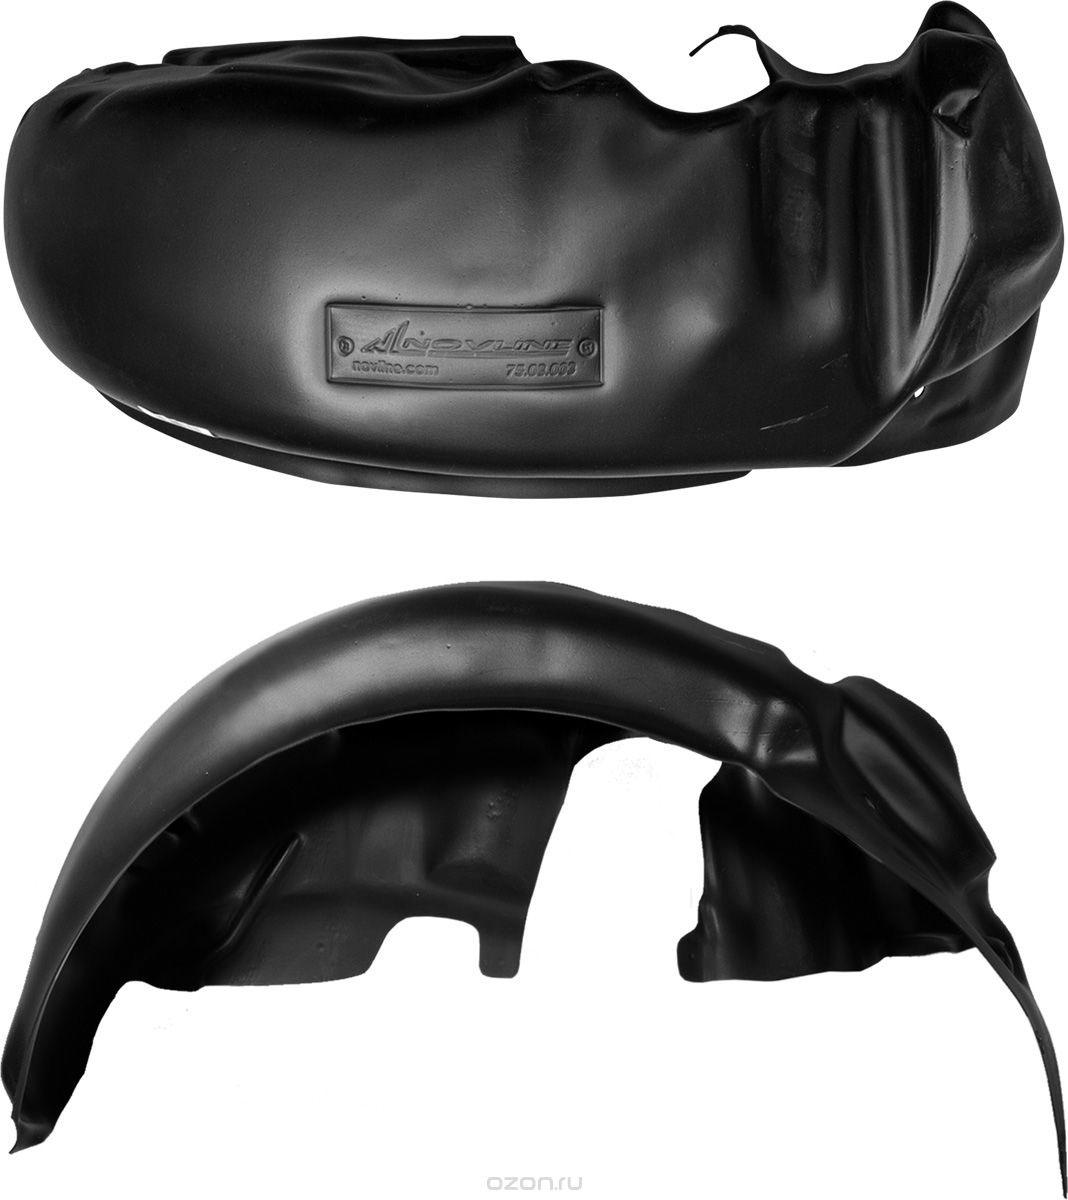 Подкрылок Novline-Autofamily, для LIFAN Solano, 2016->, седан, передний левый44005003Идеальная защита колесной ниши. Локеры разработаны с применением цифровых технологий, гарантируют максимальную повторяемость поверхности арки. Изделия устанавливаются без нарушения лакокрасочного покрытия автомобиля, каждый подкрылок комплектуется крепежом. Уважаемые клиенты, обращаем ваше внимание, что фотографии на подкрылки универсальные и не отражают реальную форму изделия. При этом само изделие идет точно под размер указанного автомобиля.